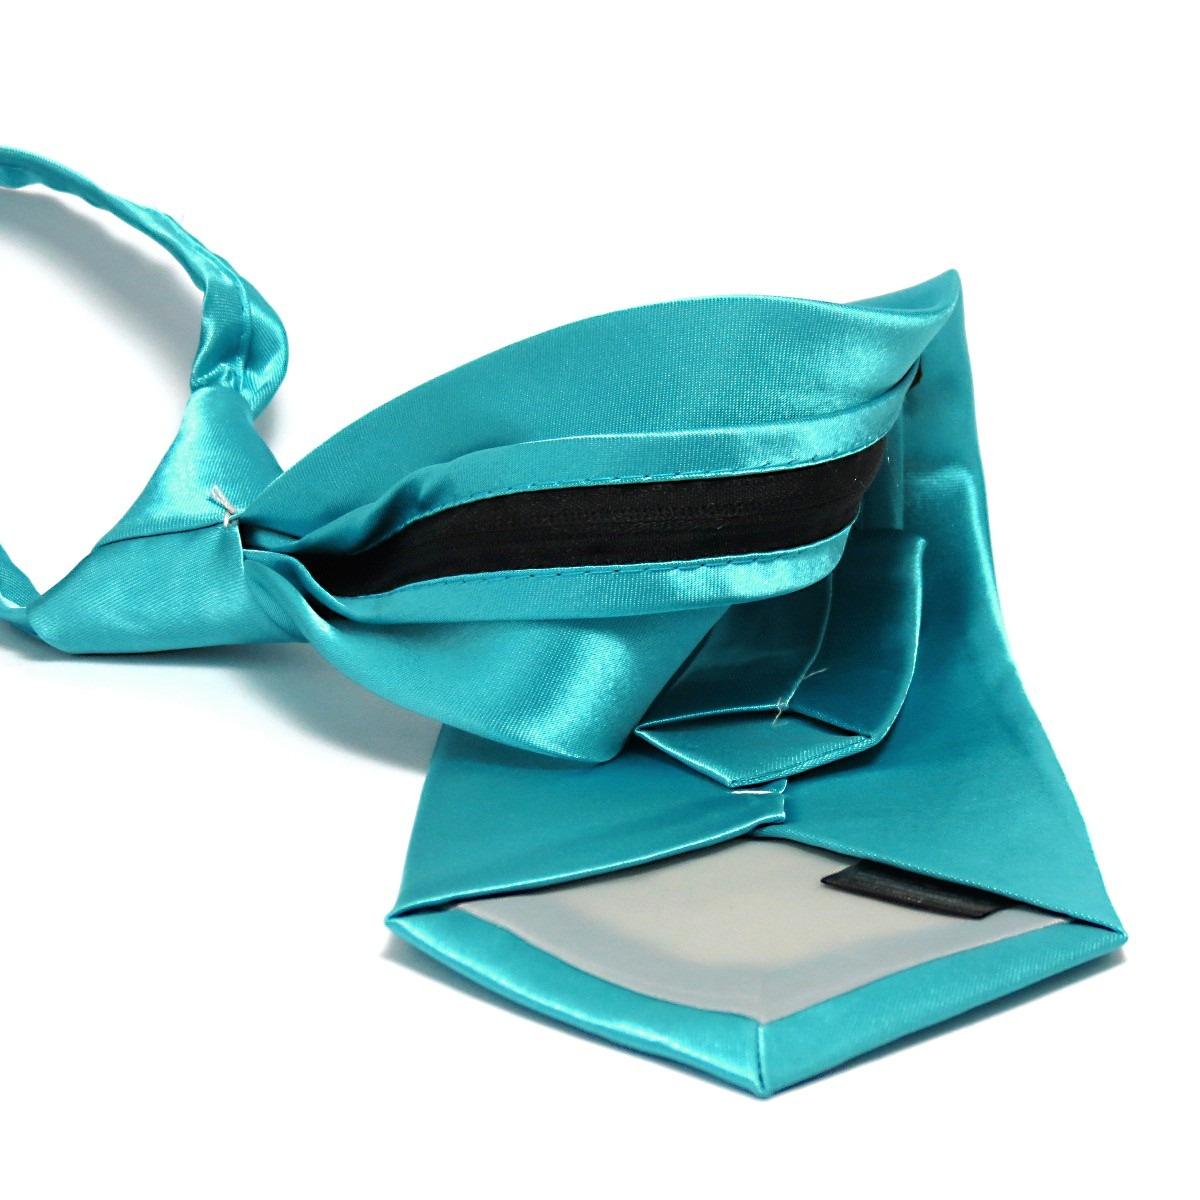 10 Pcs Gravata Para Casamento Azul Turquesa, Eventos. - R  120,10 em ... 780d492bd3